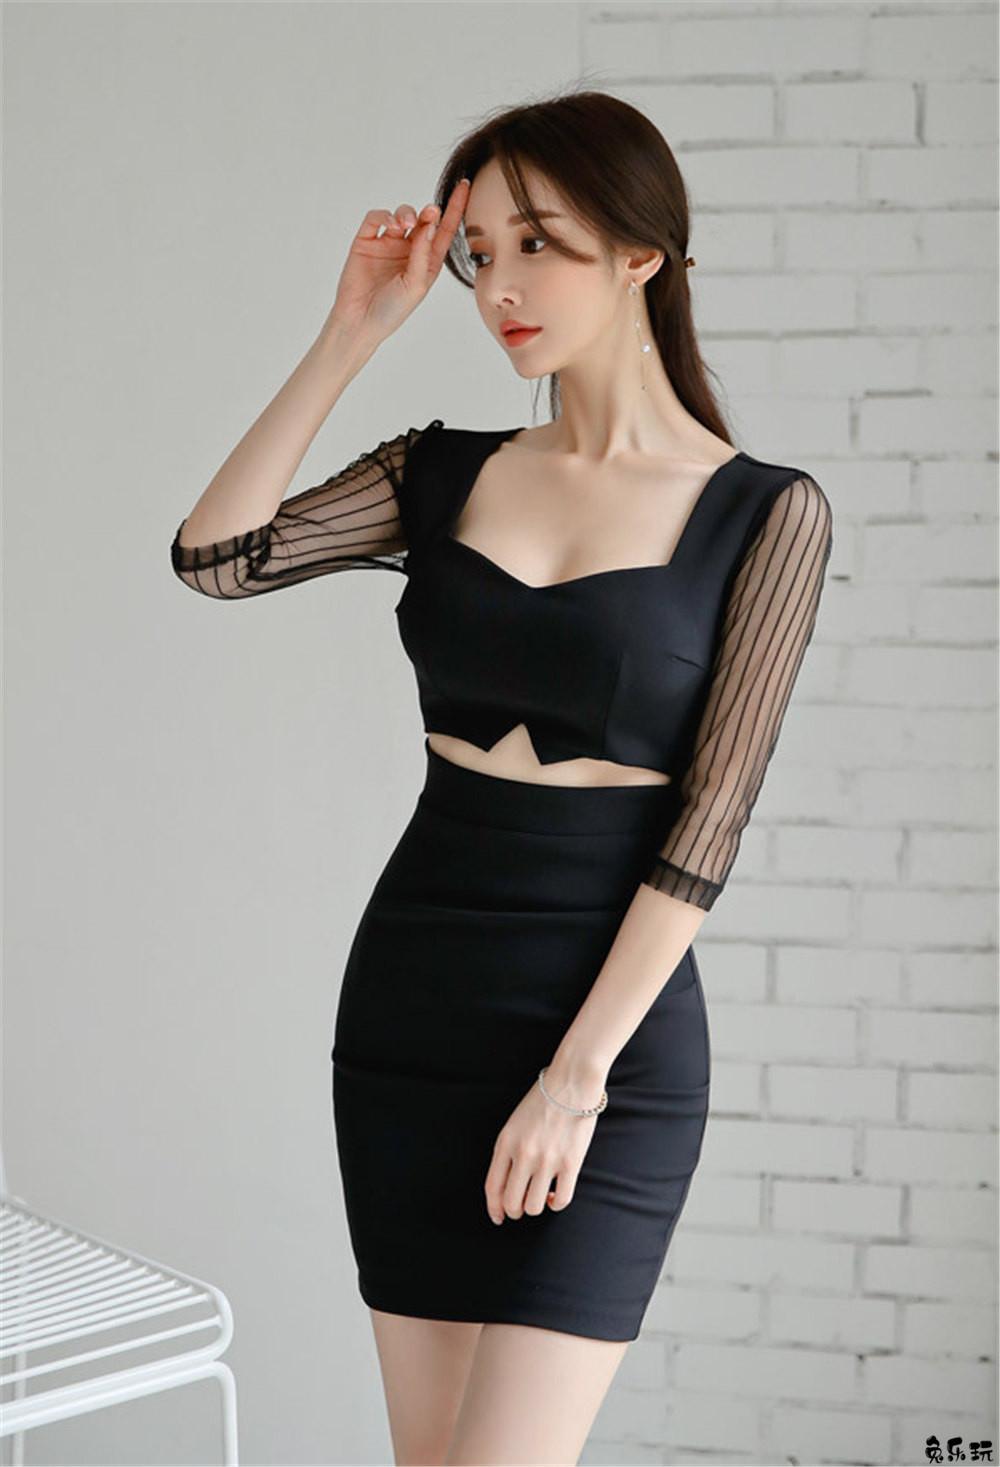 名模孙允珠女神图包:雅黑北欧绅士金丝竖纹露脐裙 (18P)